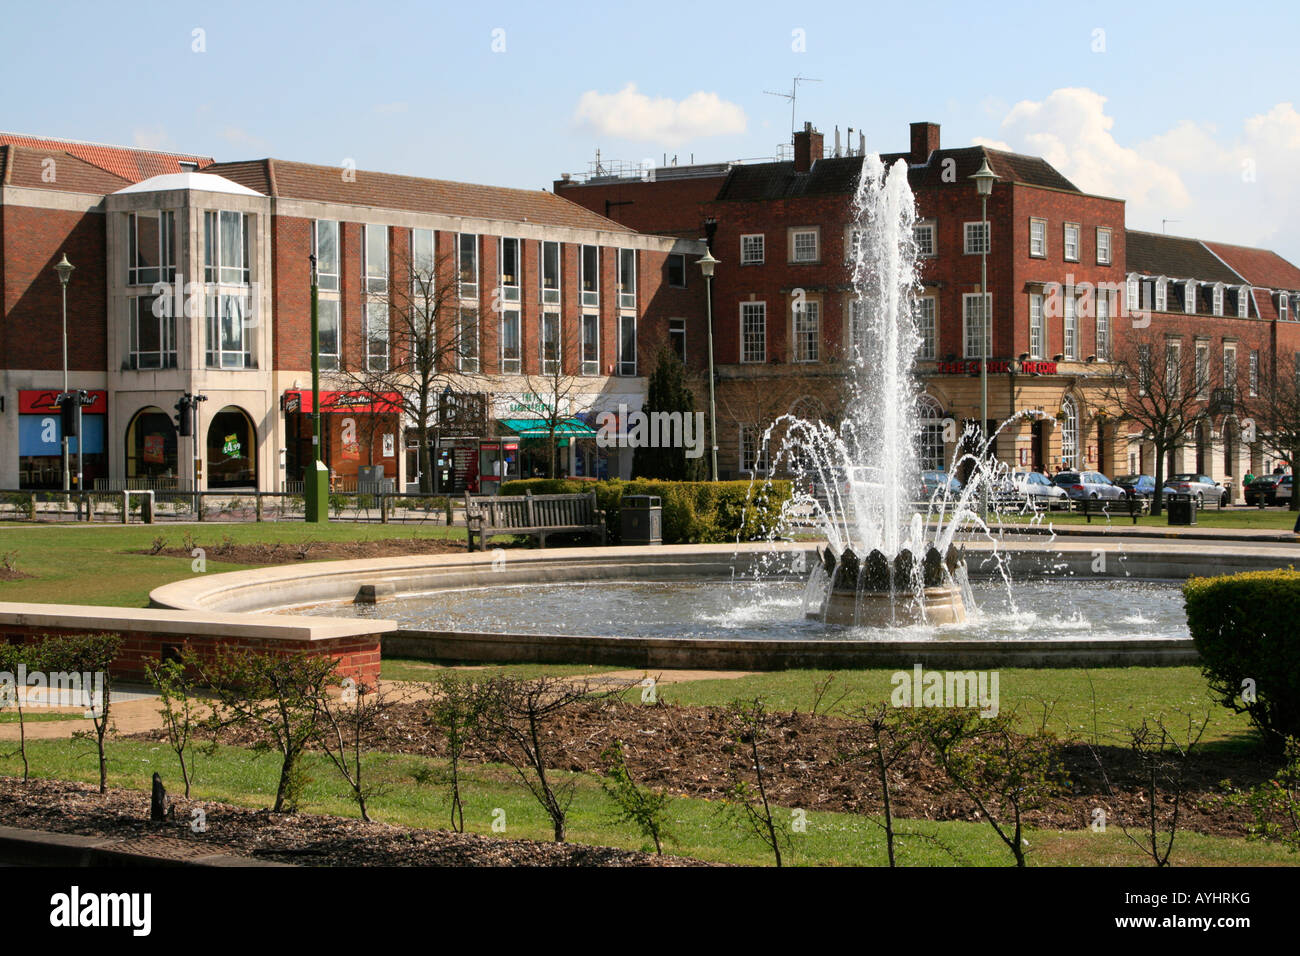 Landscape Welwyn Garden City : Water fountain welwyn garden city well laid out town